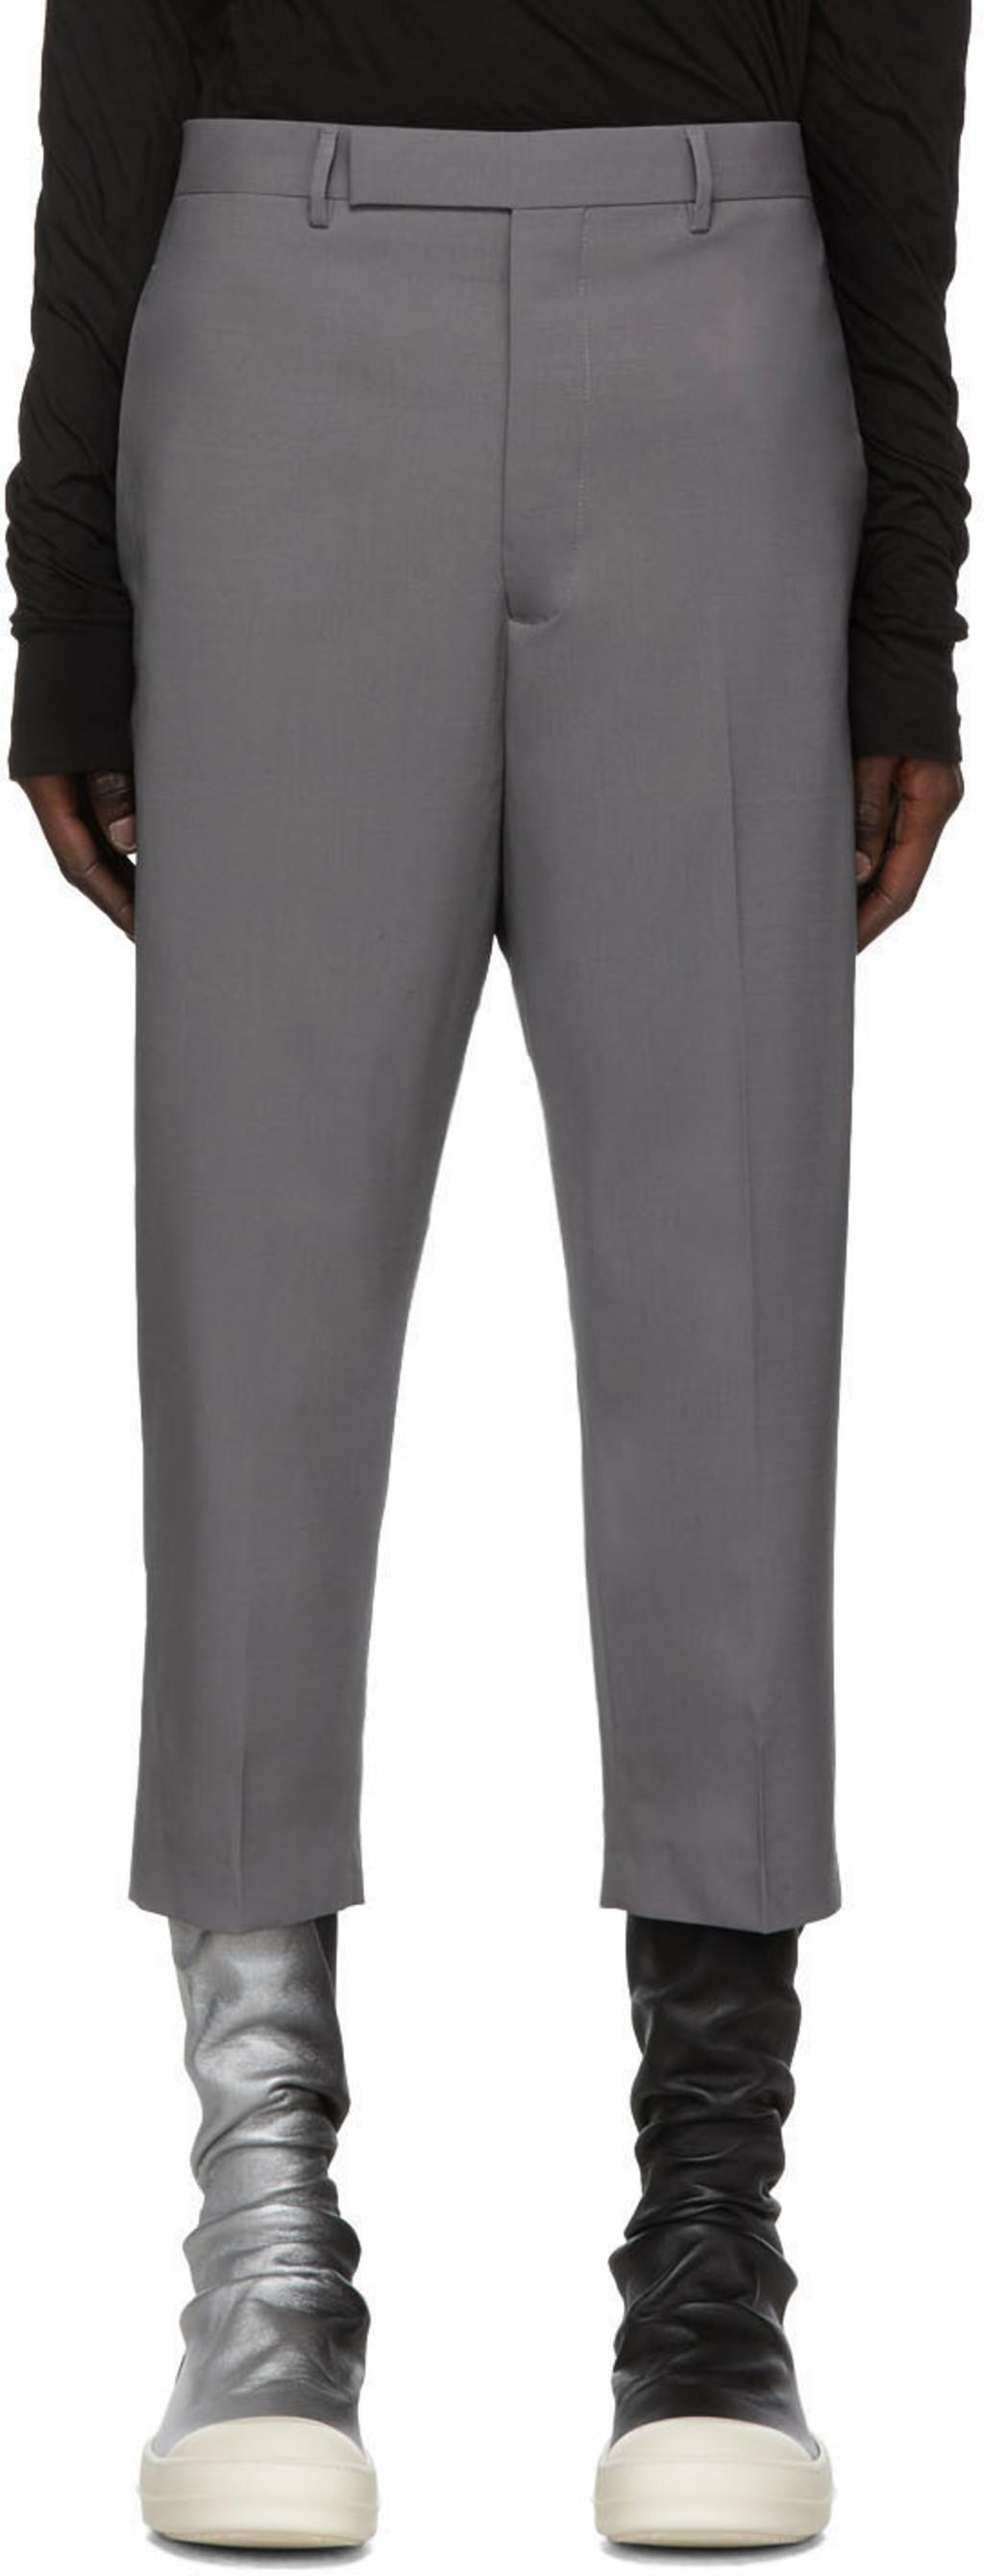 d7f06da36a87a4 Designer pants for Men | SSENSE UK